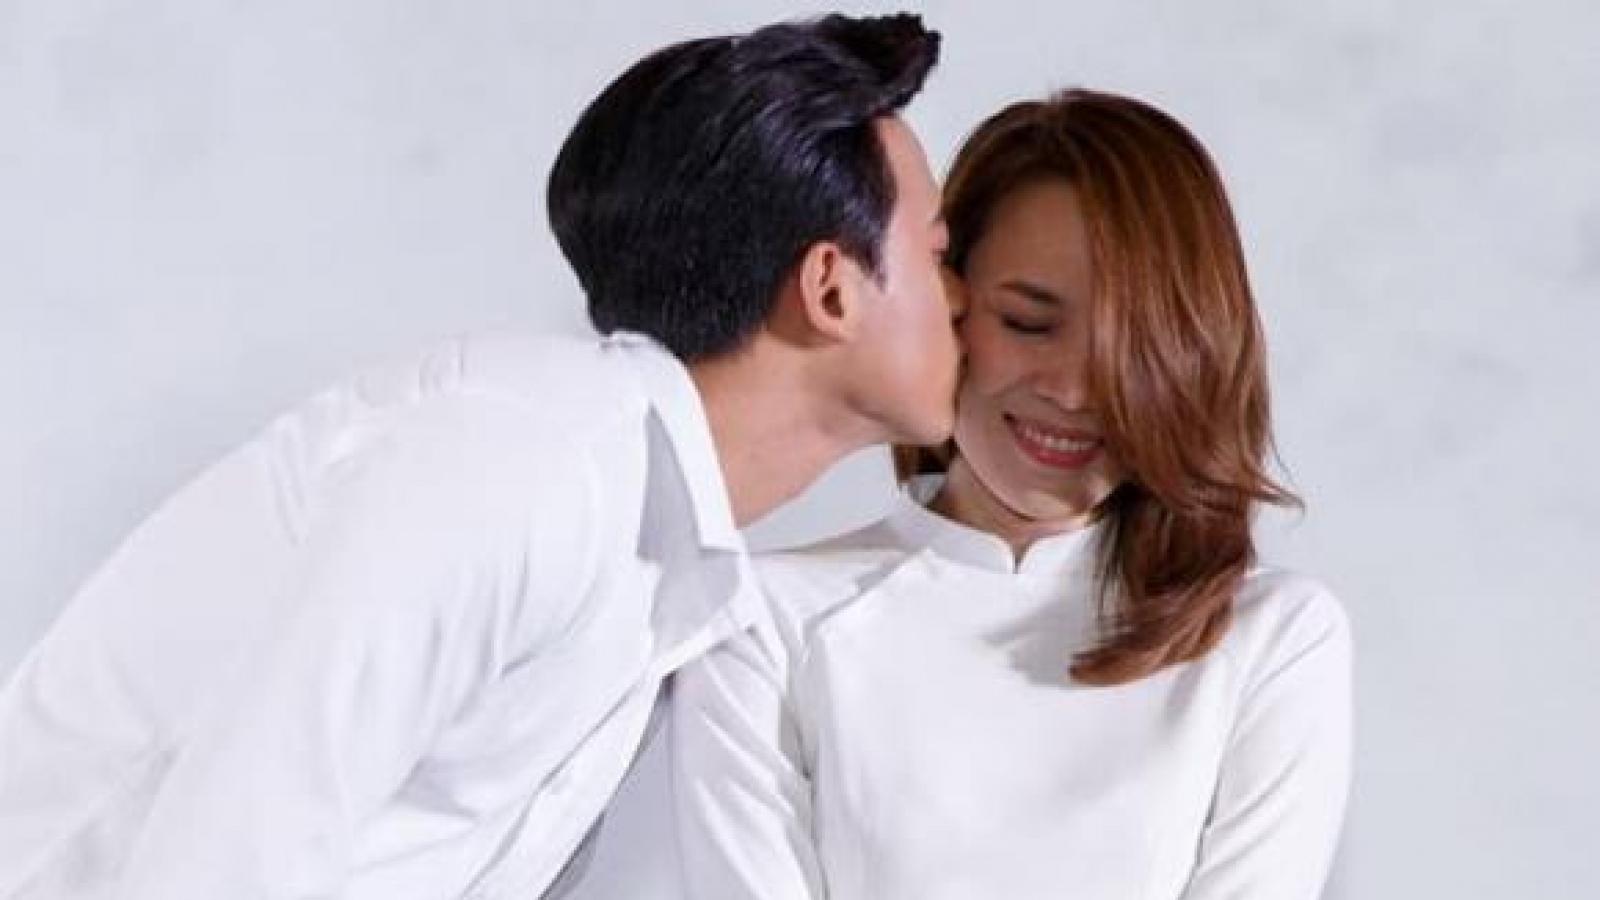 Chuyện showbiz: Mỹ Tâm xác nhận đang hẹn hò Mai Tài Phến